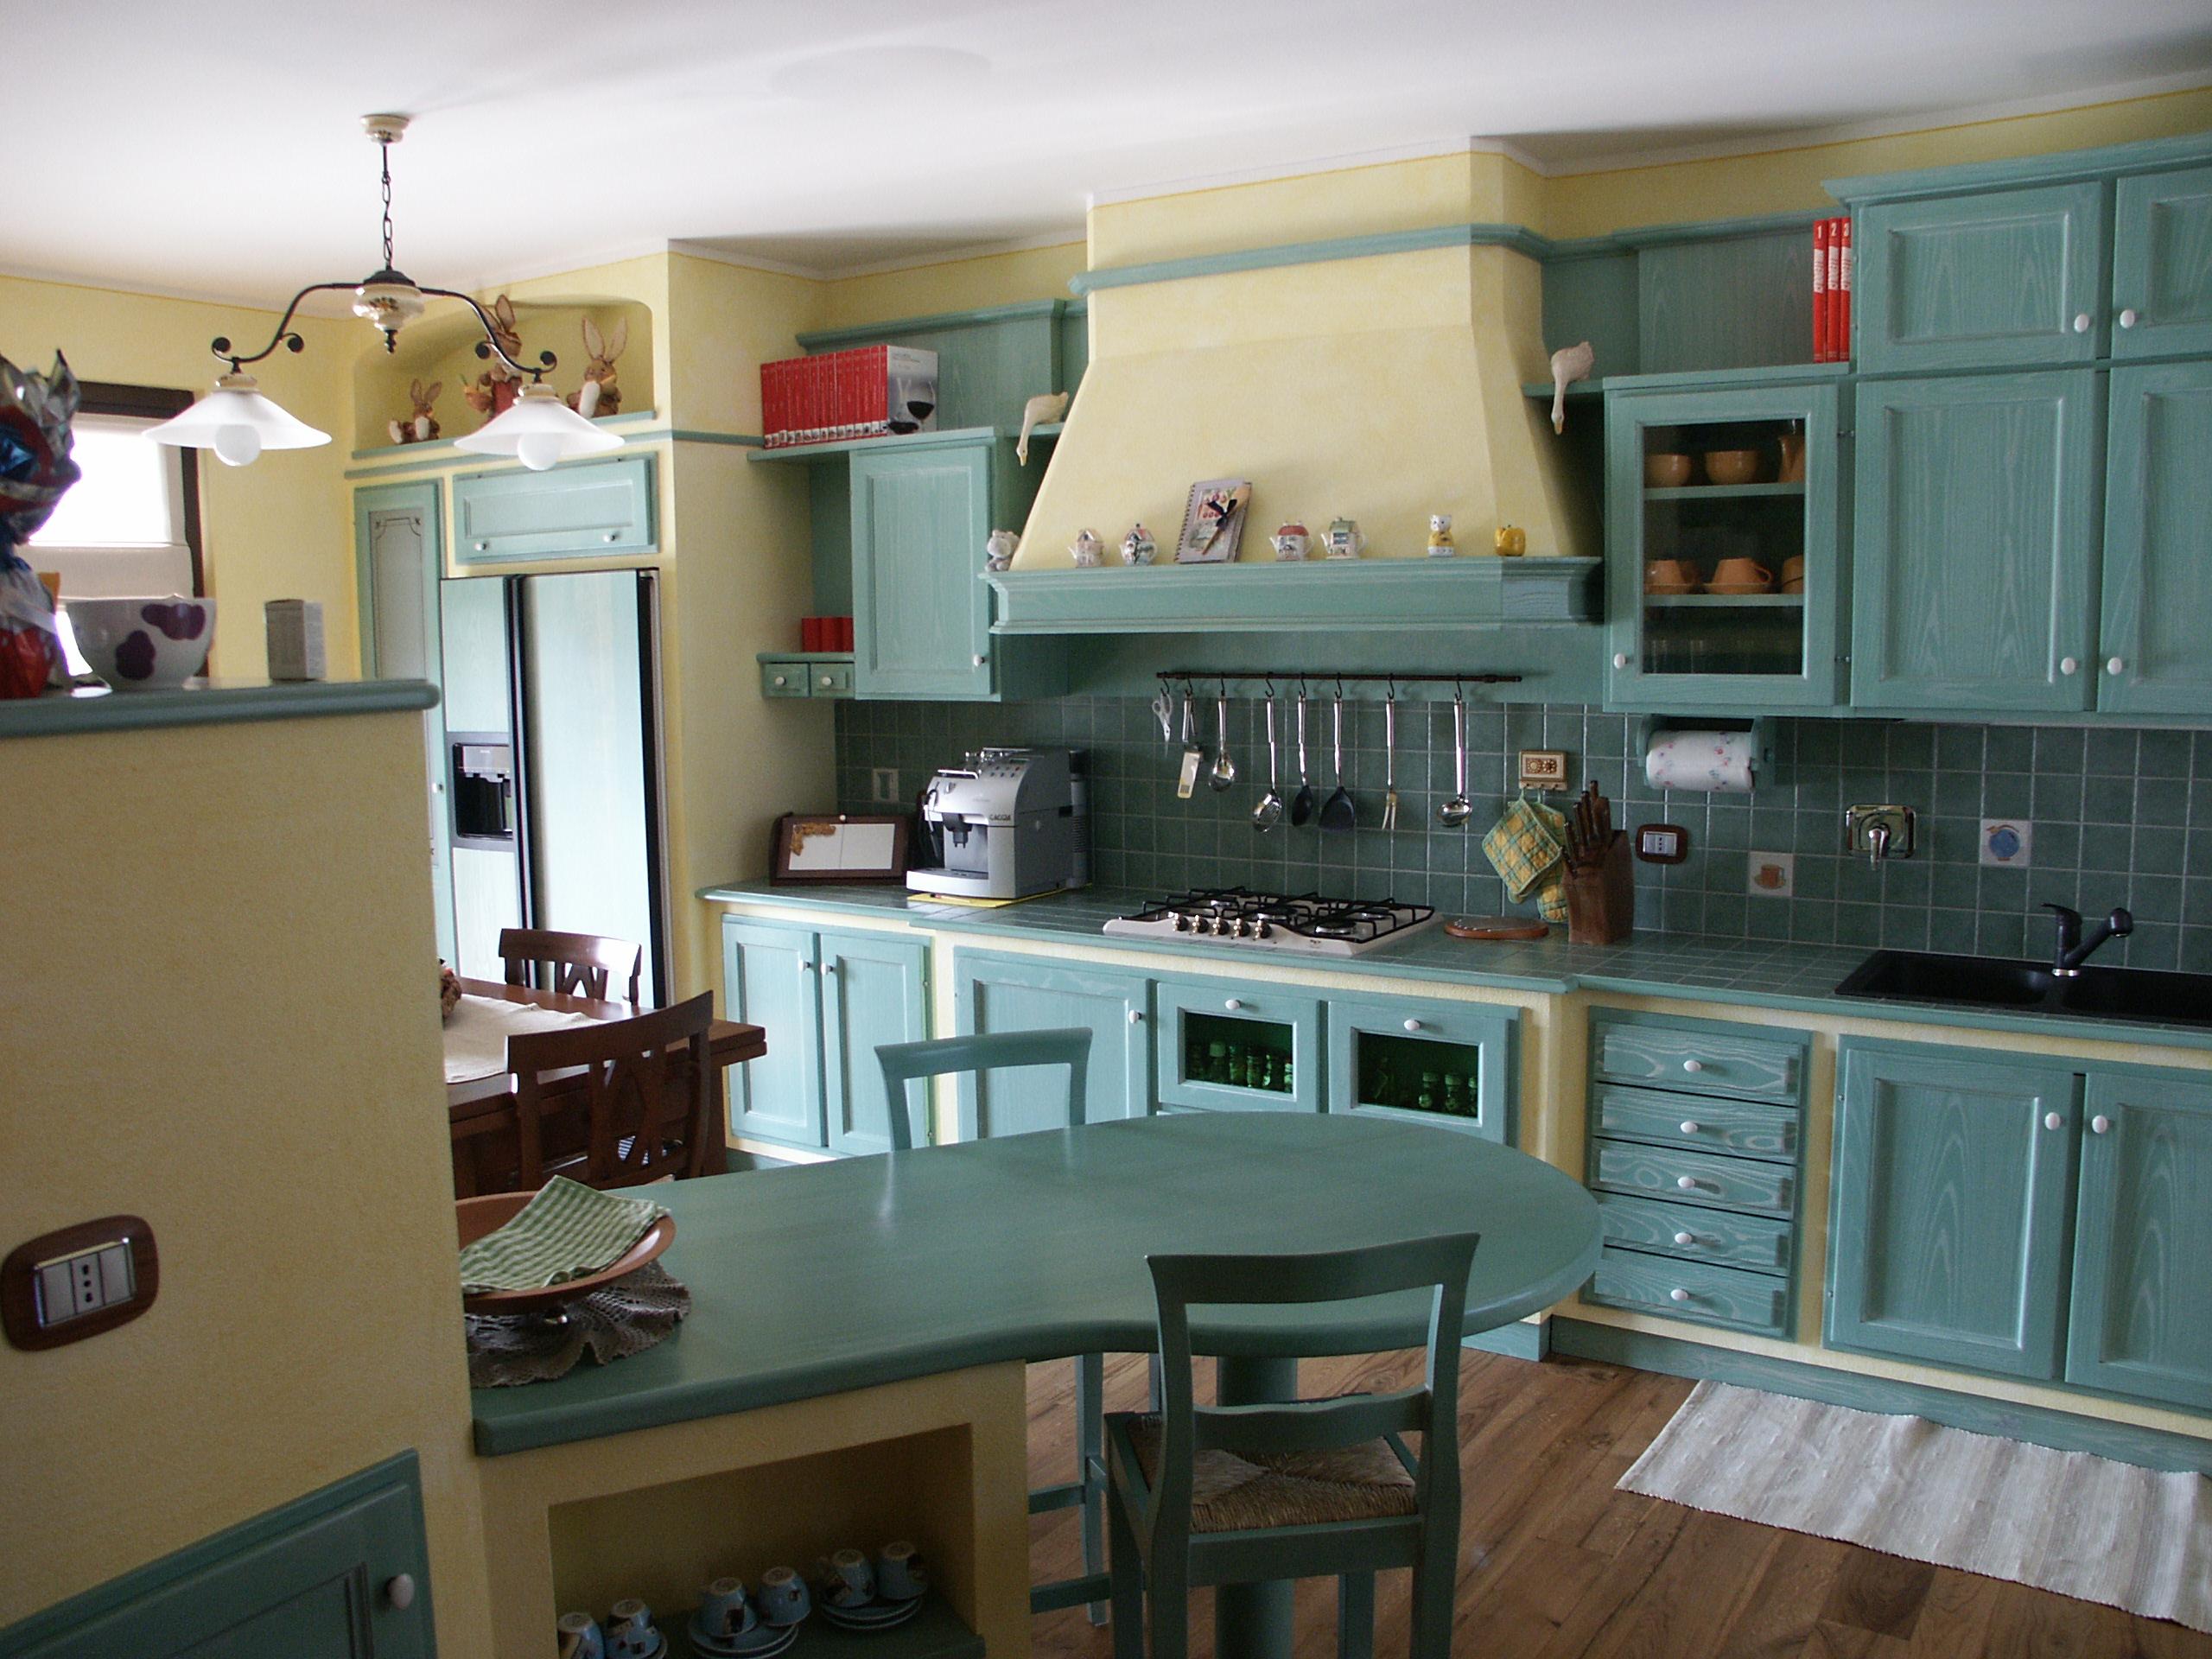 Cucine cuneo prezzi cucine cuneo offerte cucine cuneo cucine classiche cuneo - Cucinini in muratura ...